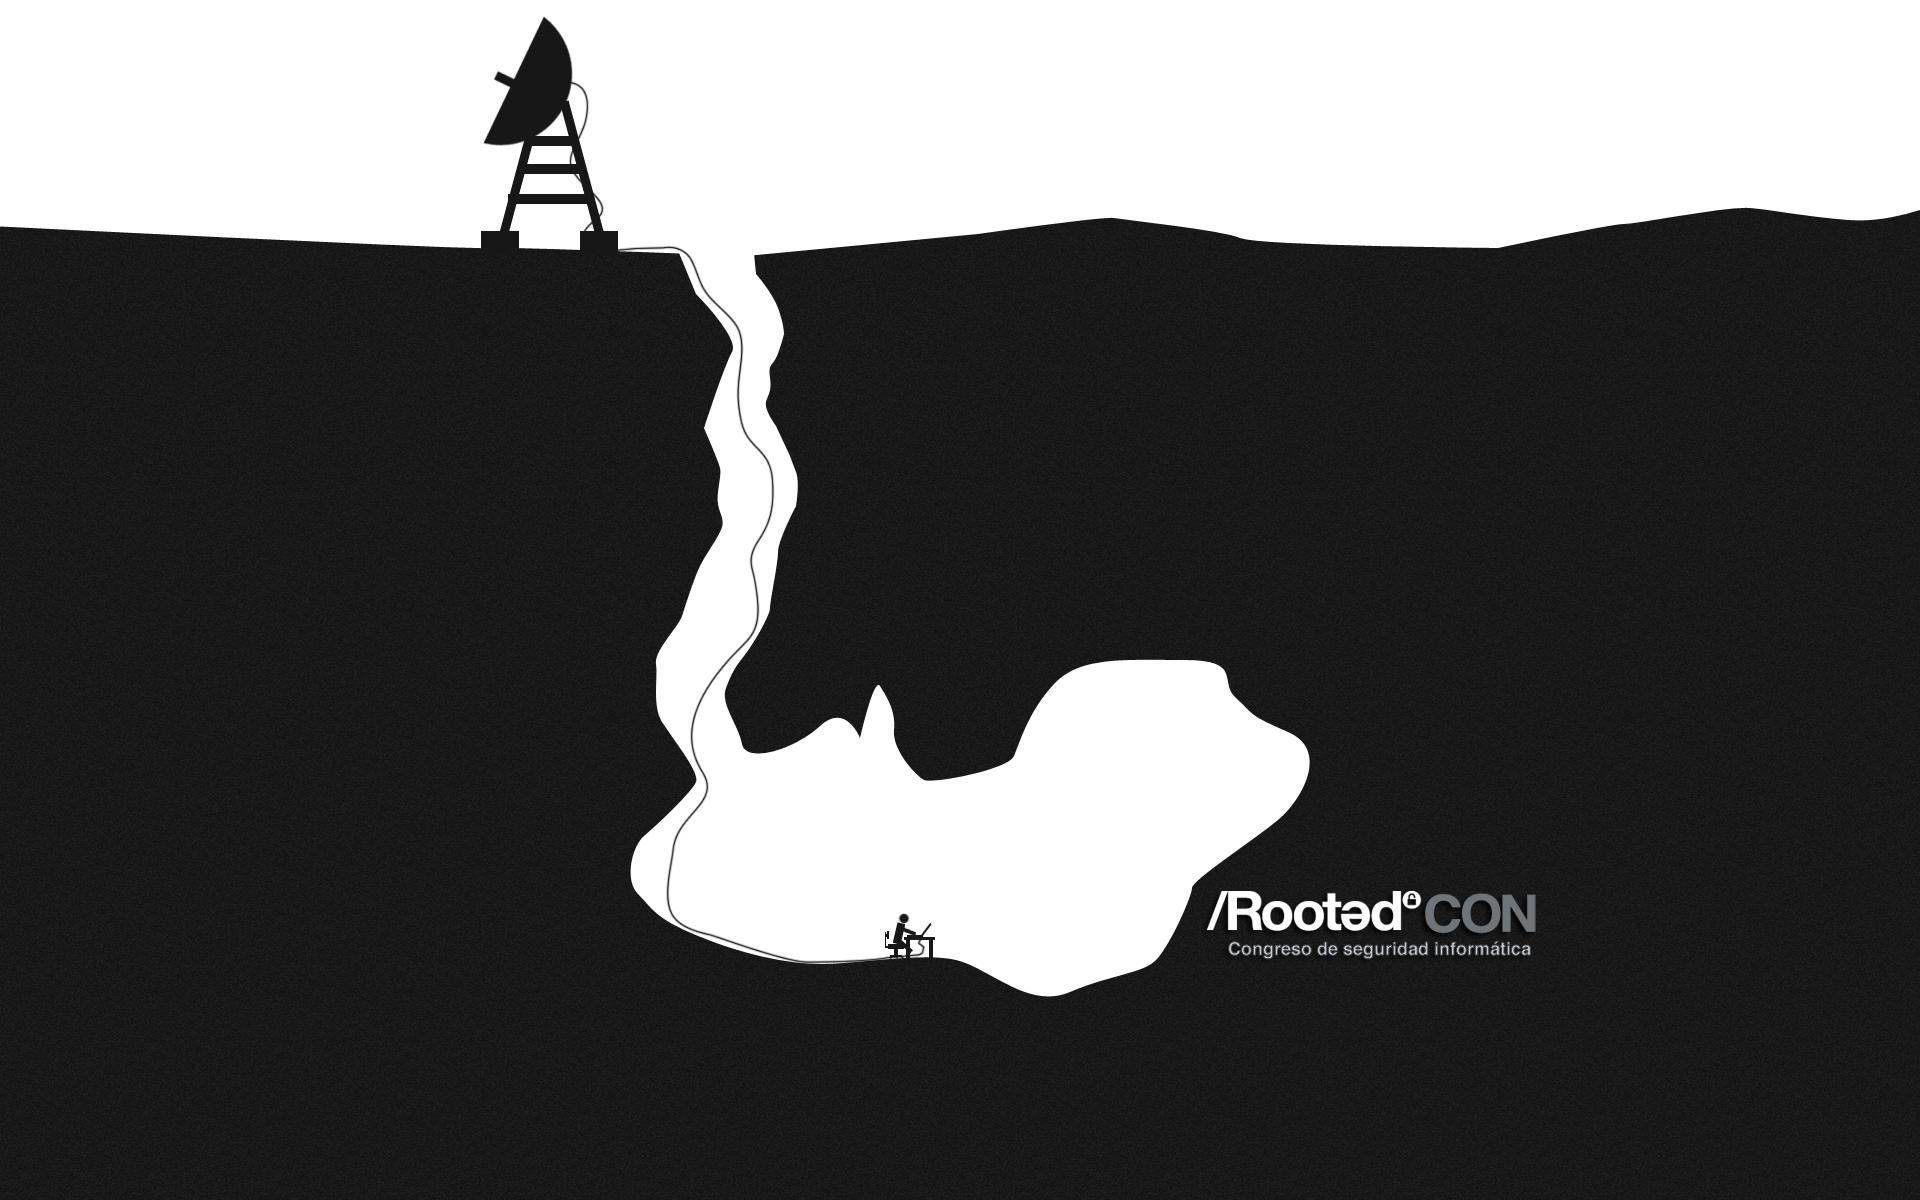 Nos vemos en la #RootedCON 2015